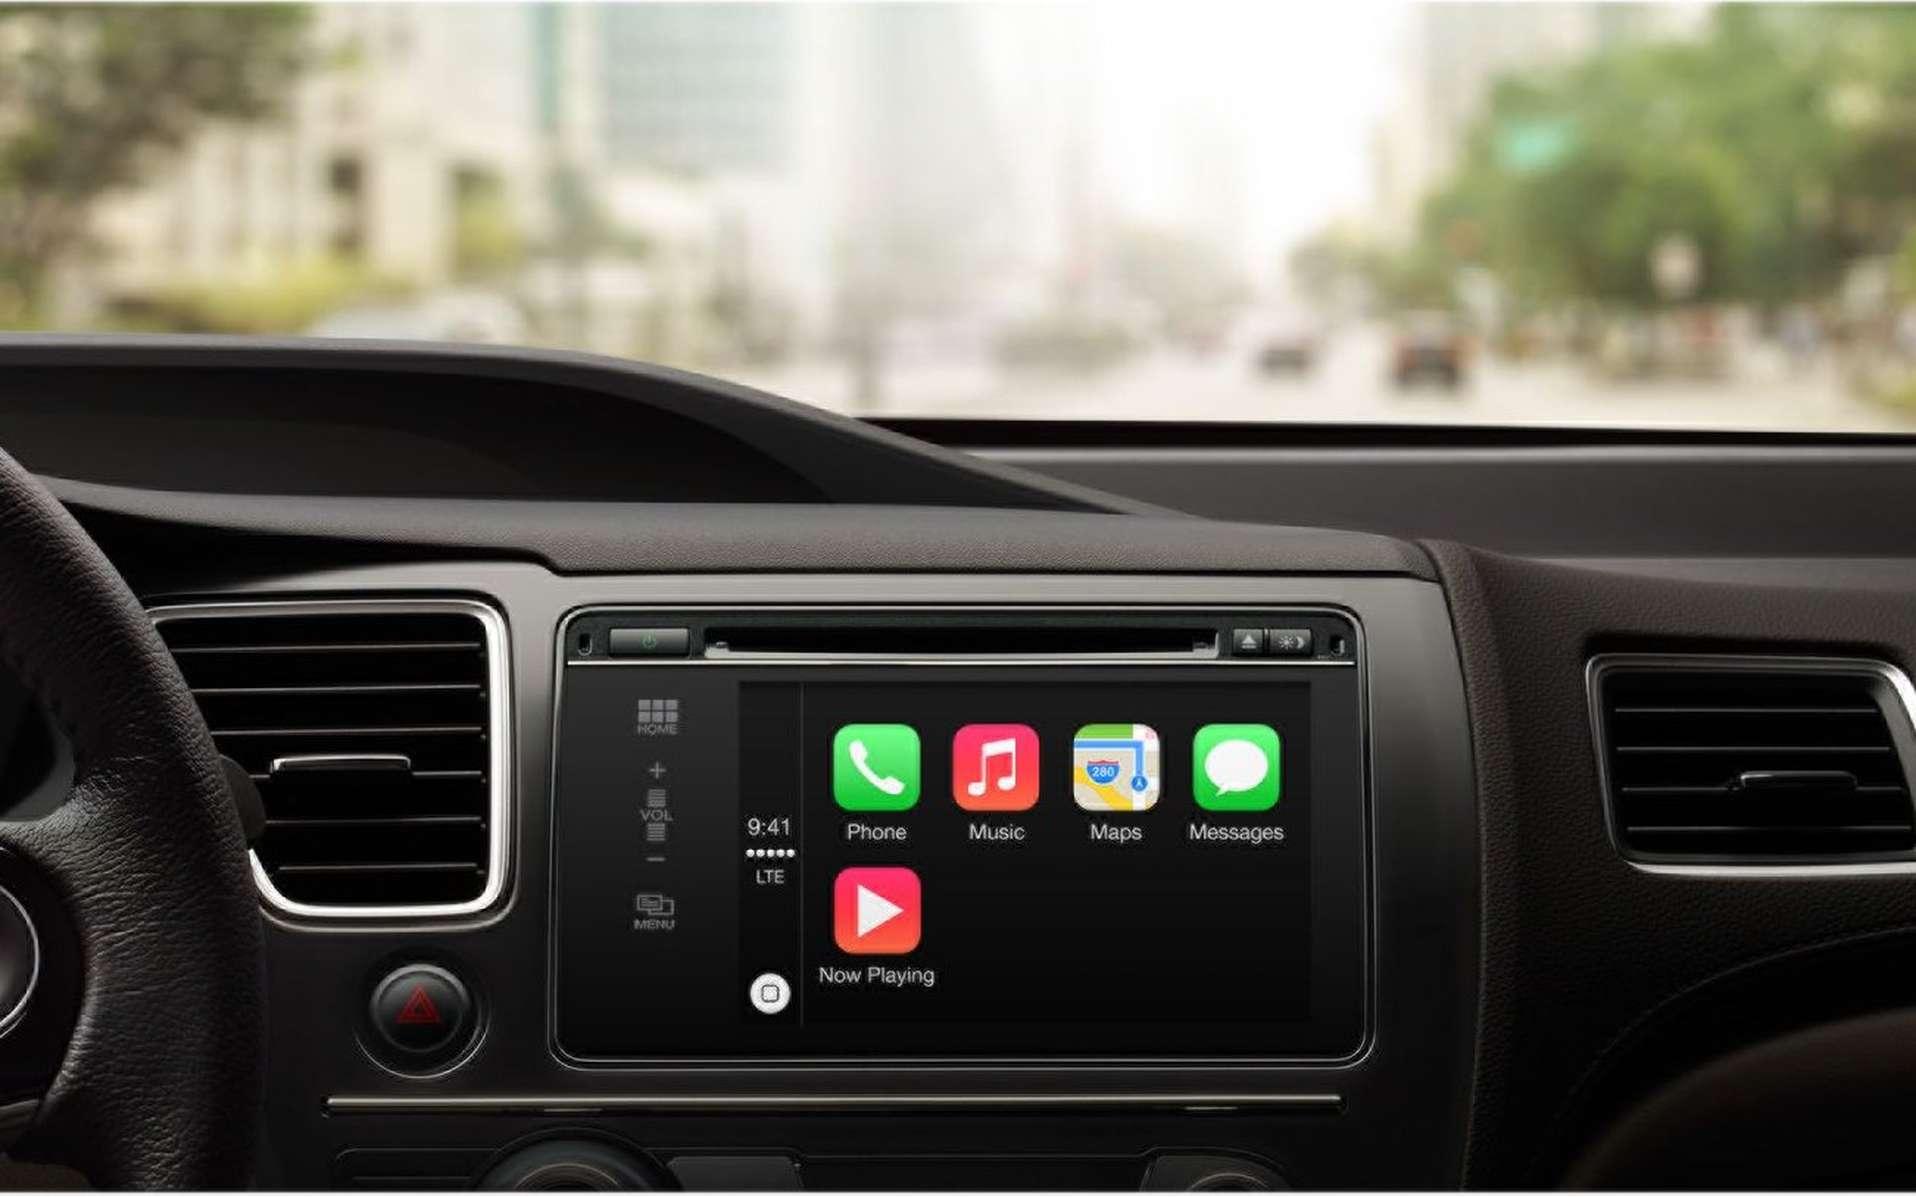 Honda devrait rapidement rejoindre le projet CarPlay à certains de ses modèles, permettant au conducteur de connecter son iPhone au tableau de bord de la voiture. © Apple